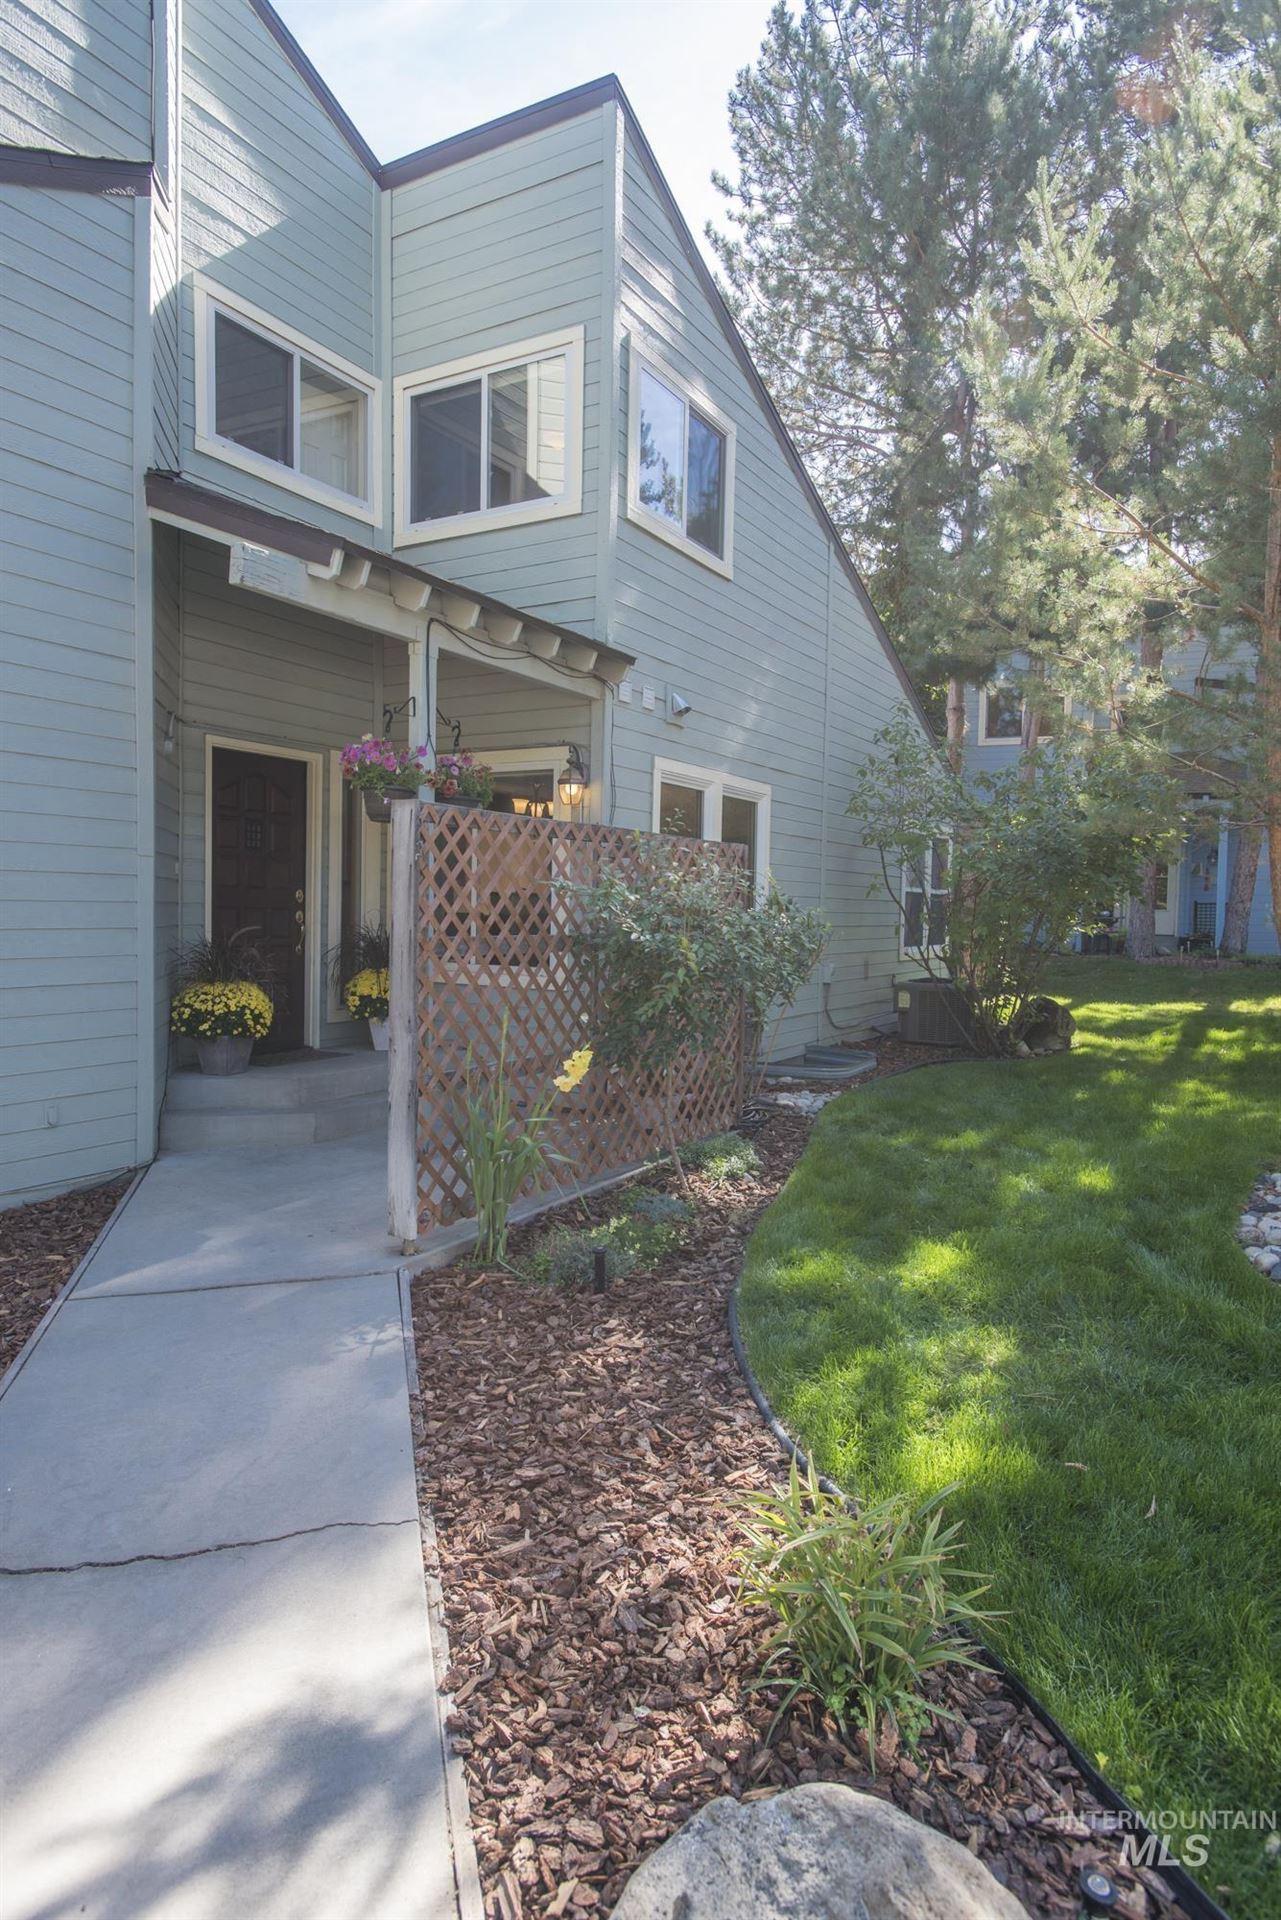 1724 S Joyce Ln, Boise, ID 83706 - MLS#: 98820301